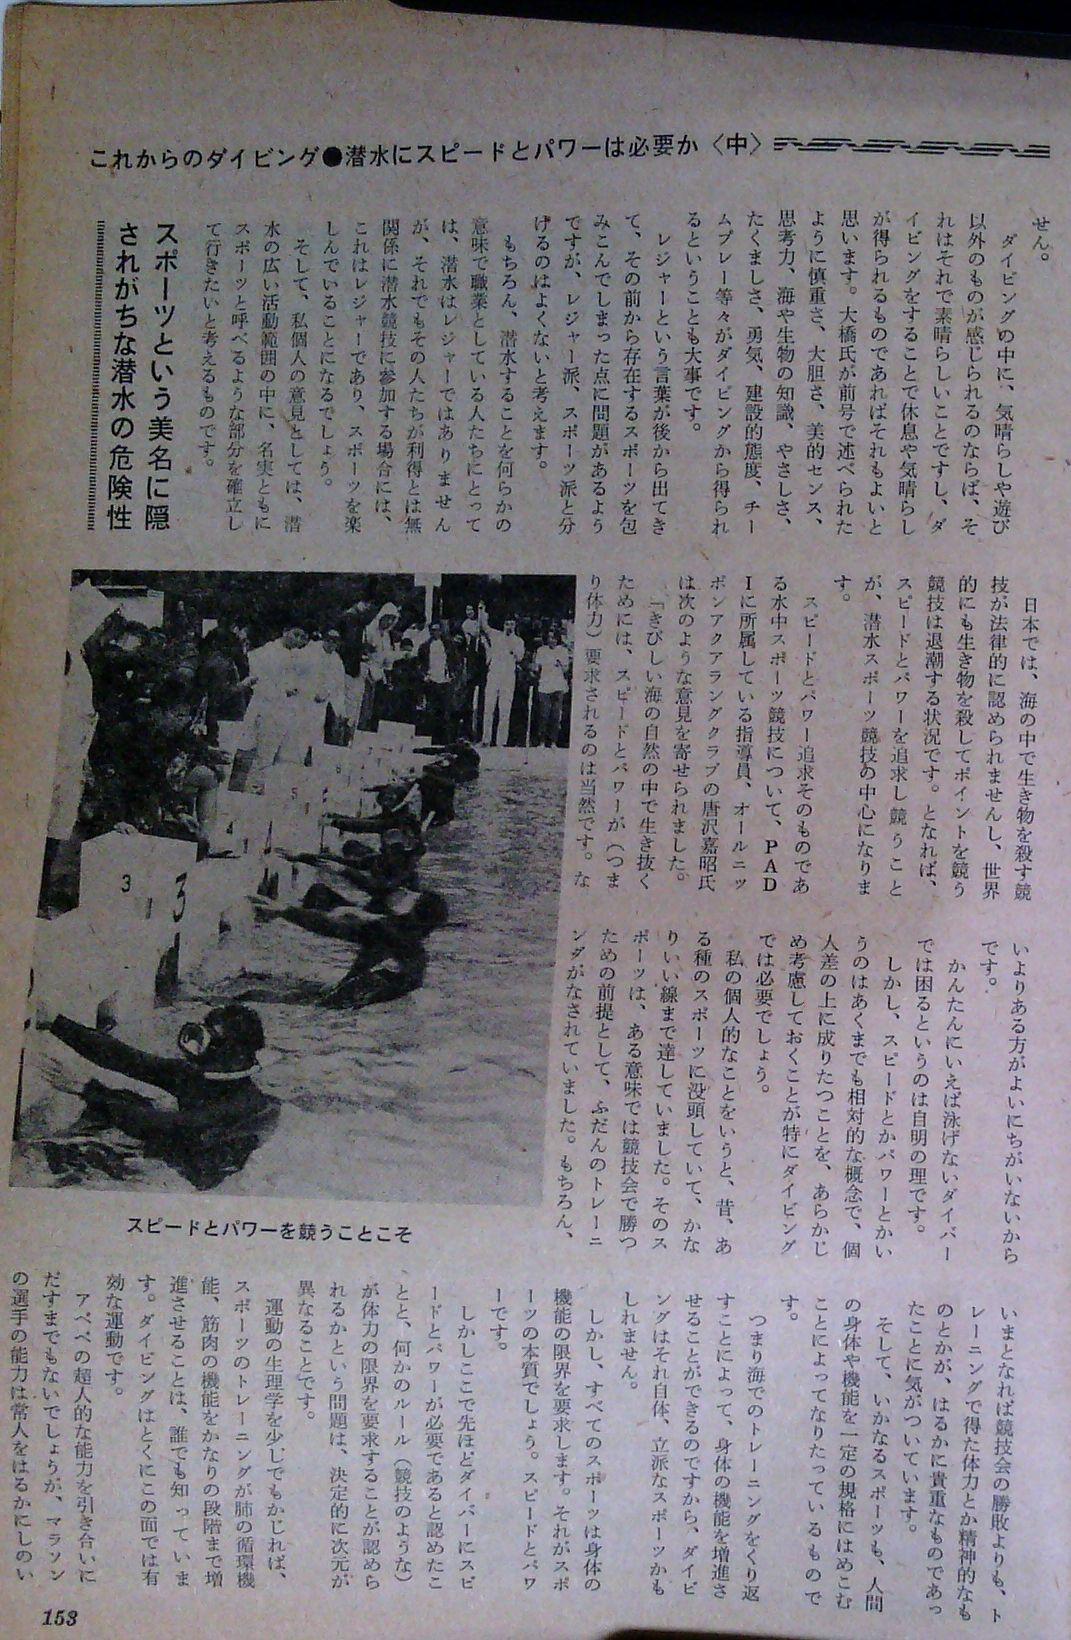 0513 ダイビングの歴史 70 海の世界 1974年 5月_b0075059_13274277.jpg